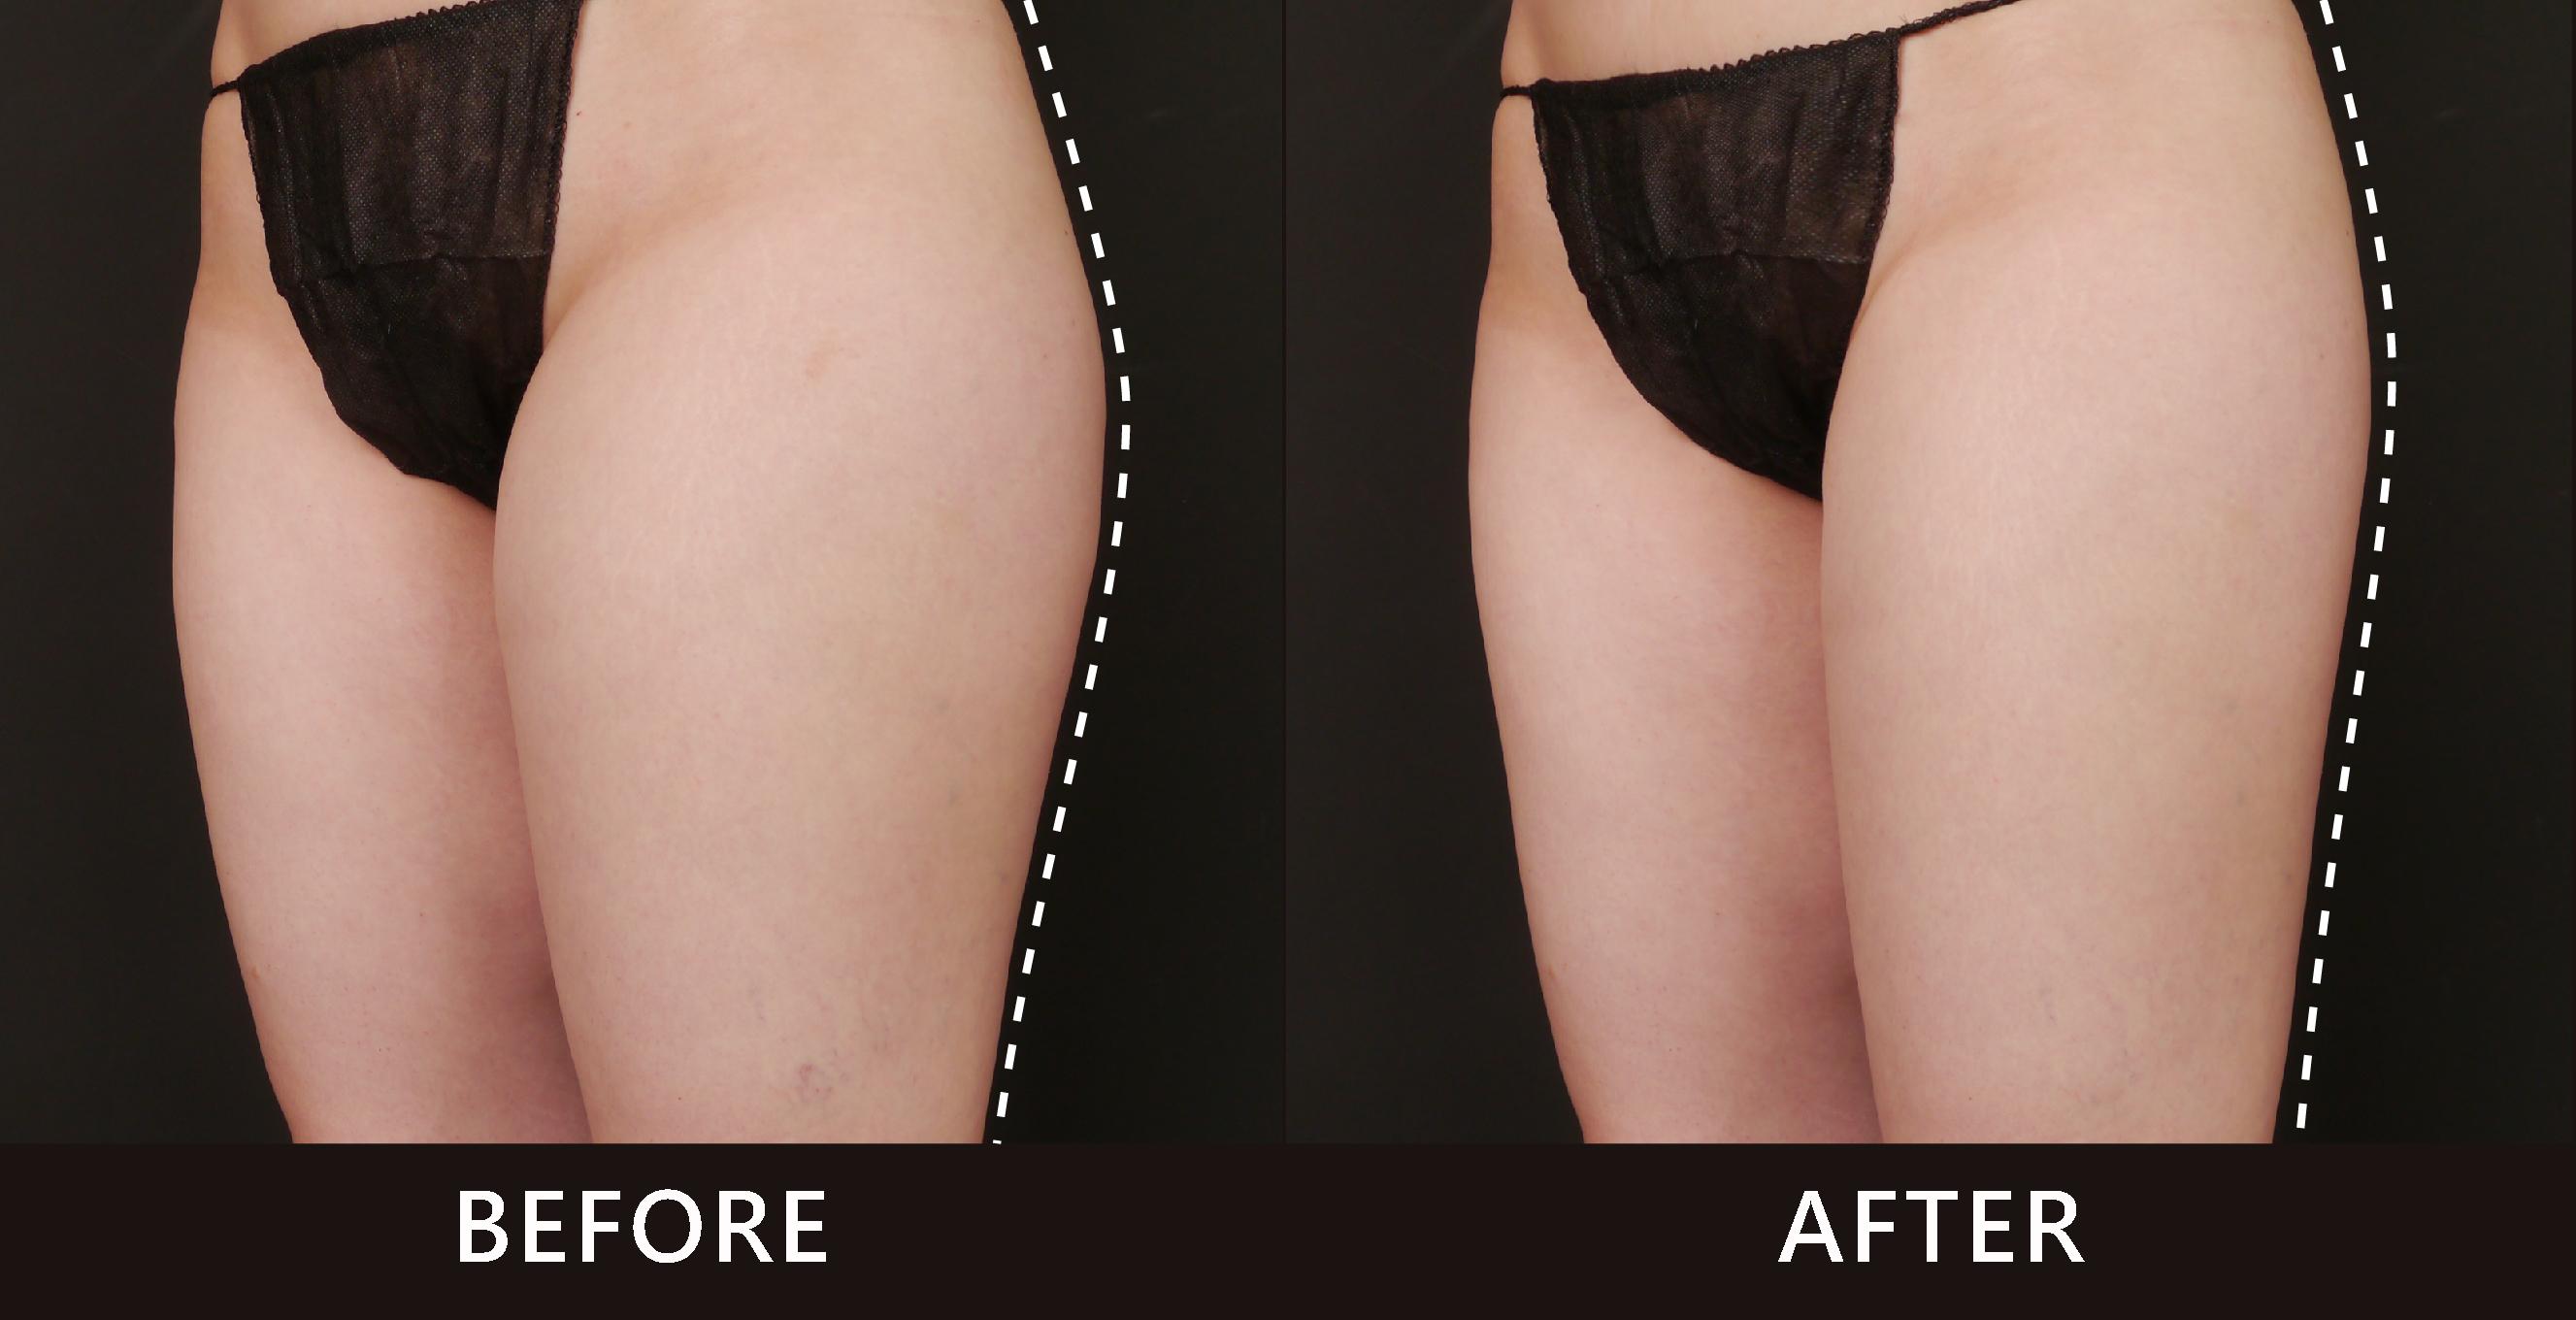 原本突兀的臀部線條,術後變的和緩平直。整體感覺協調美麗多了。(效果因個案而異)